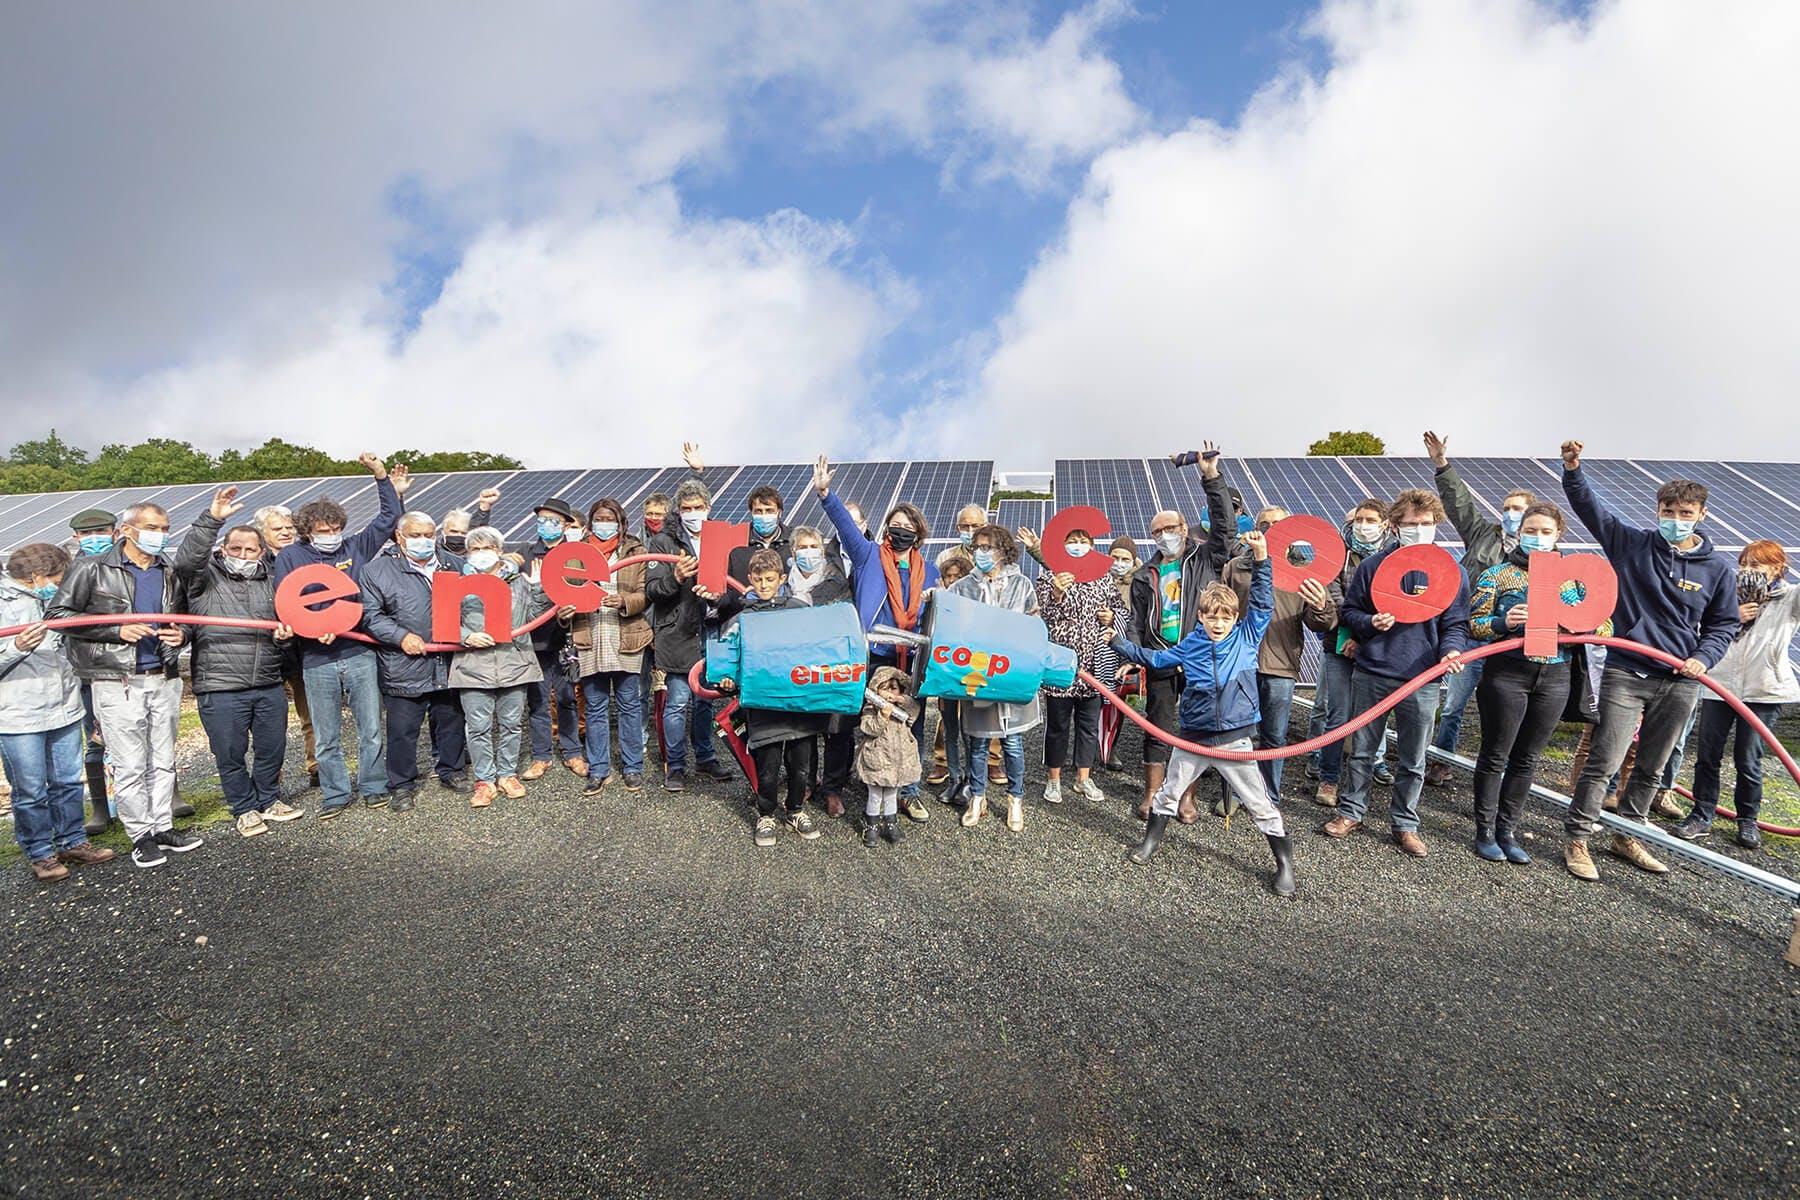 Parc solaire de Vayssière à Montfaucon - Enercoop Midi-Pyrénées - crédit SergioDi